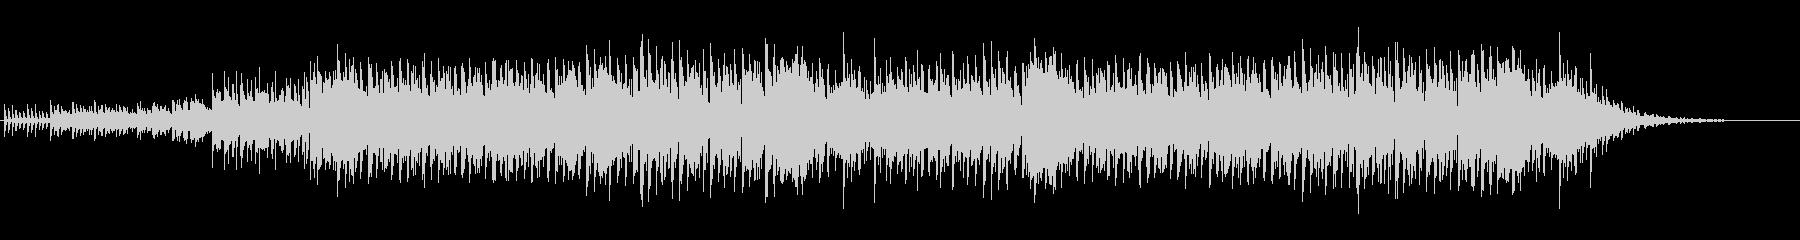 ロックでクラシックなEDMの未再生の波形